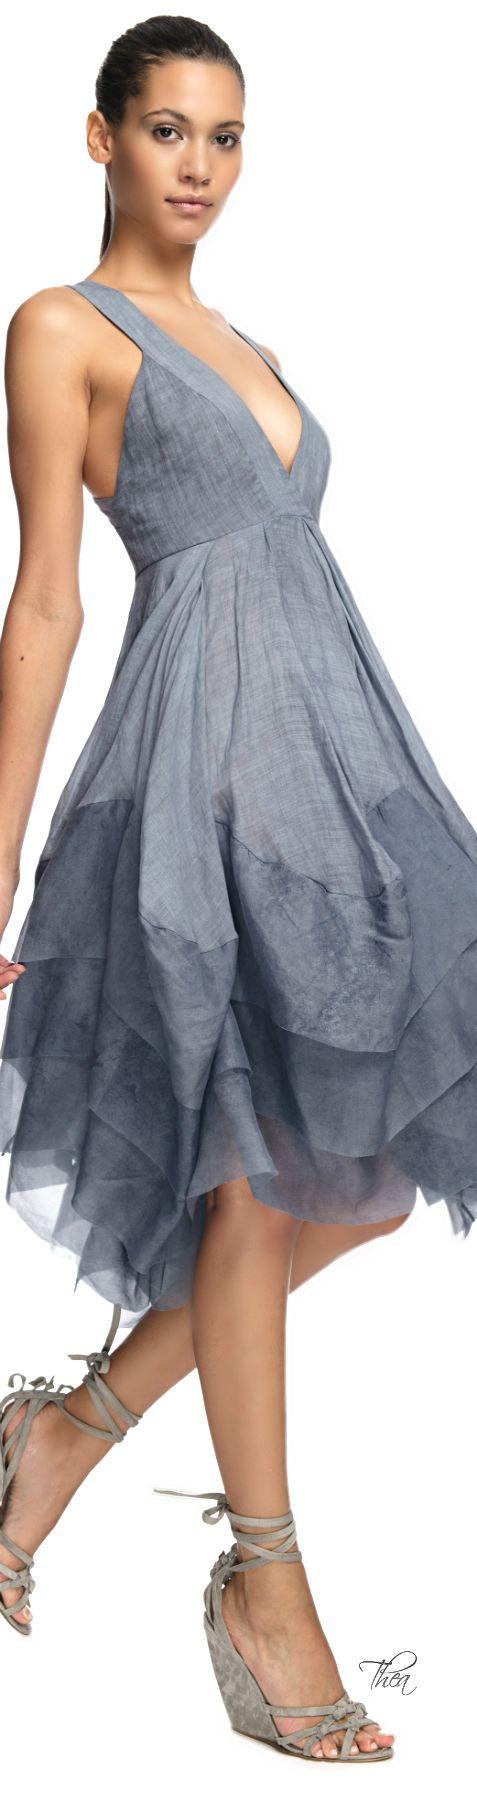 < Donna Karan ● Crisscross Pleated Dress